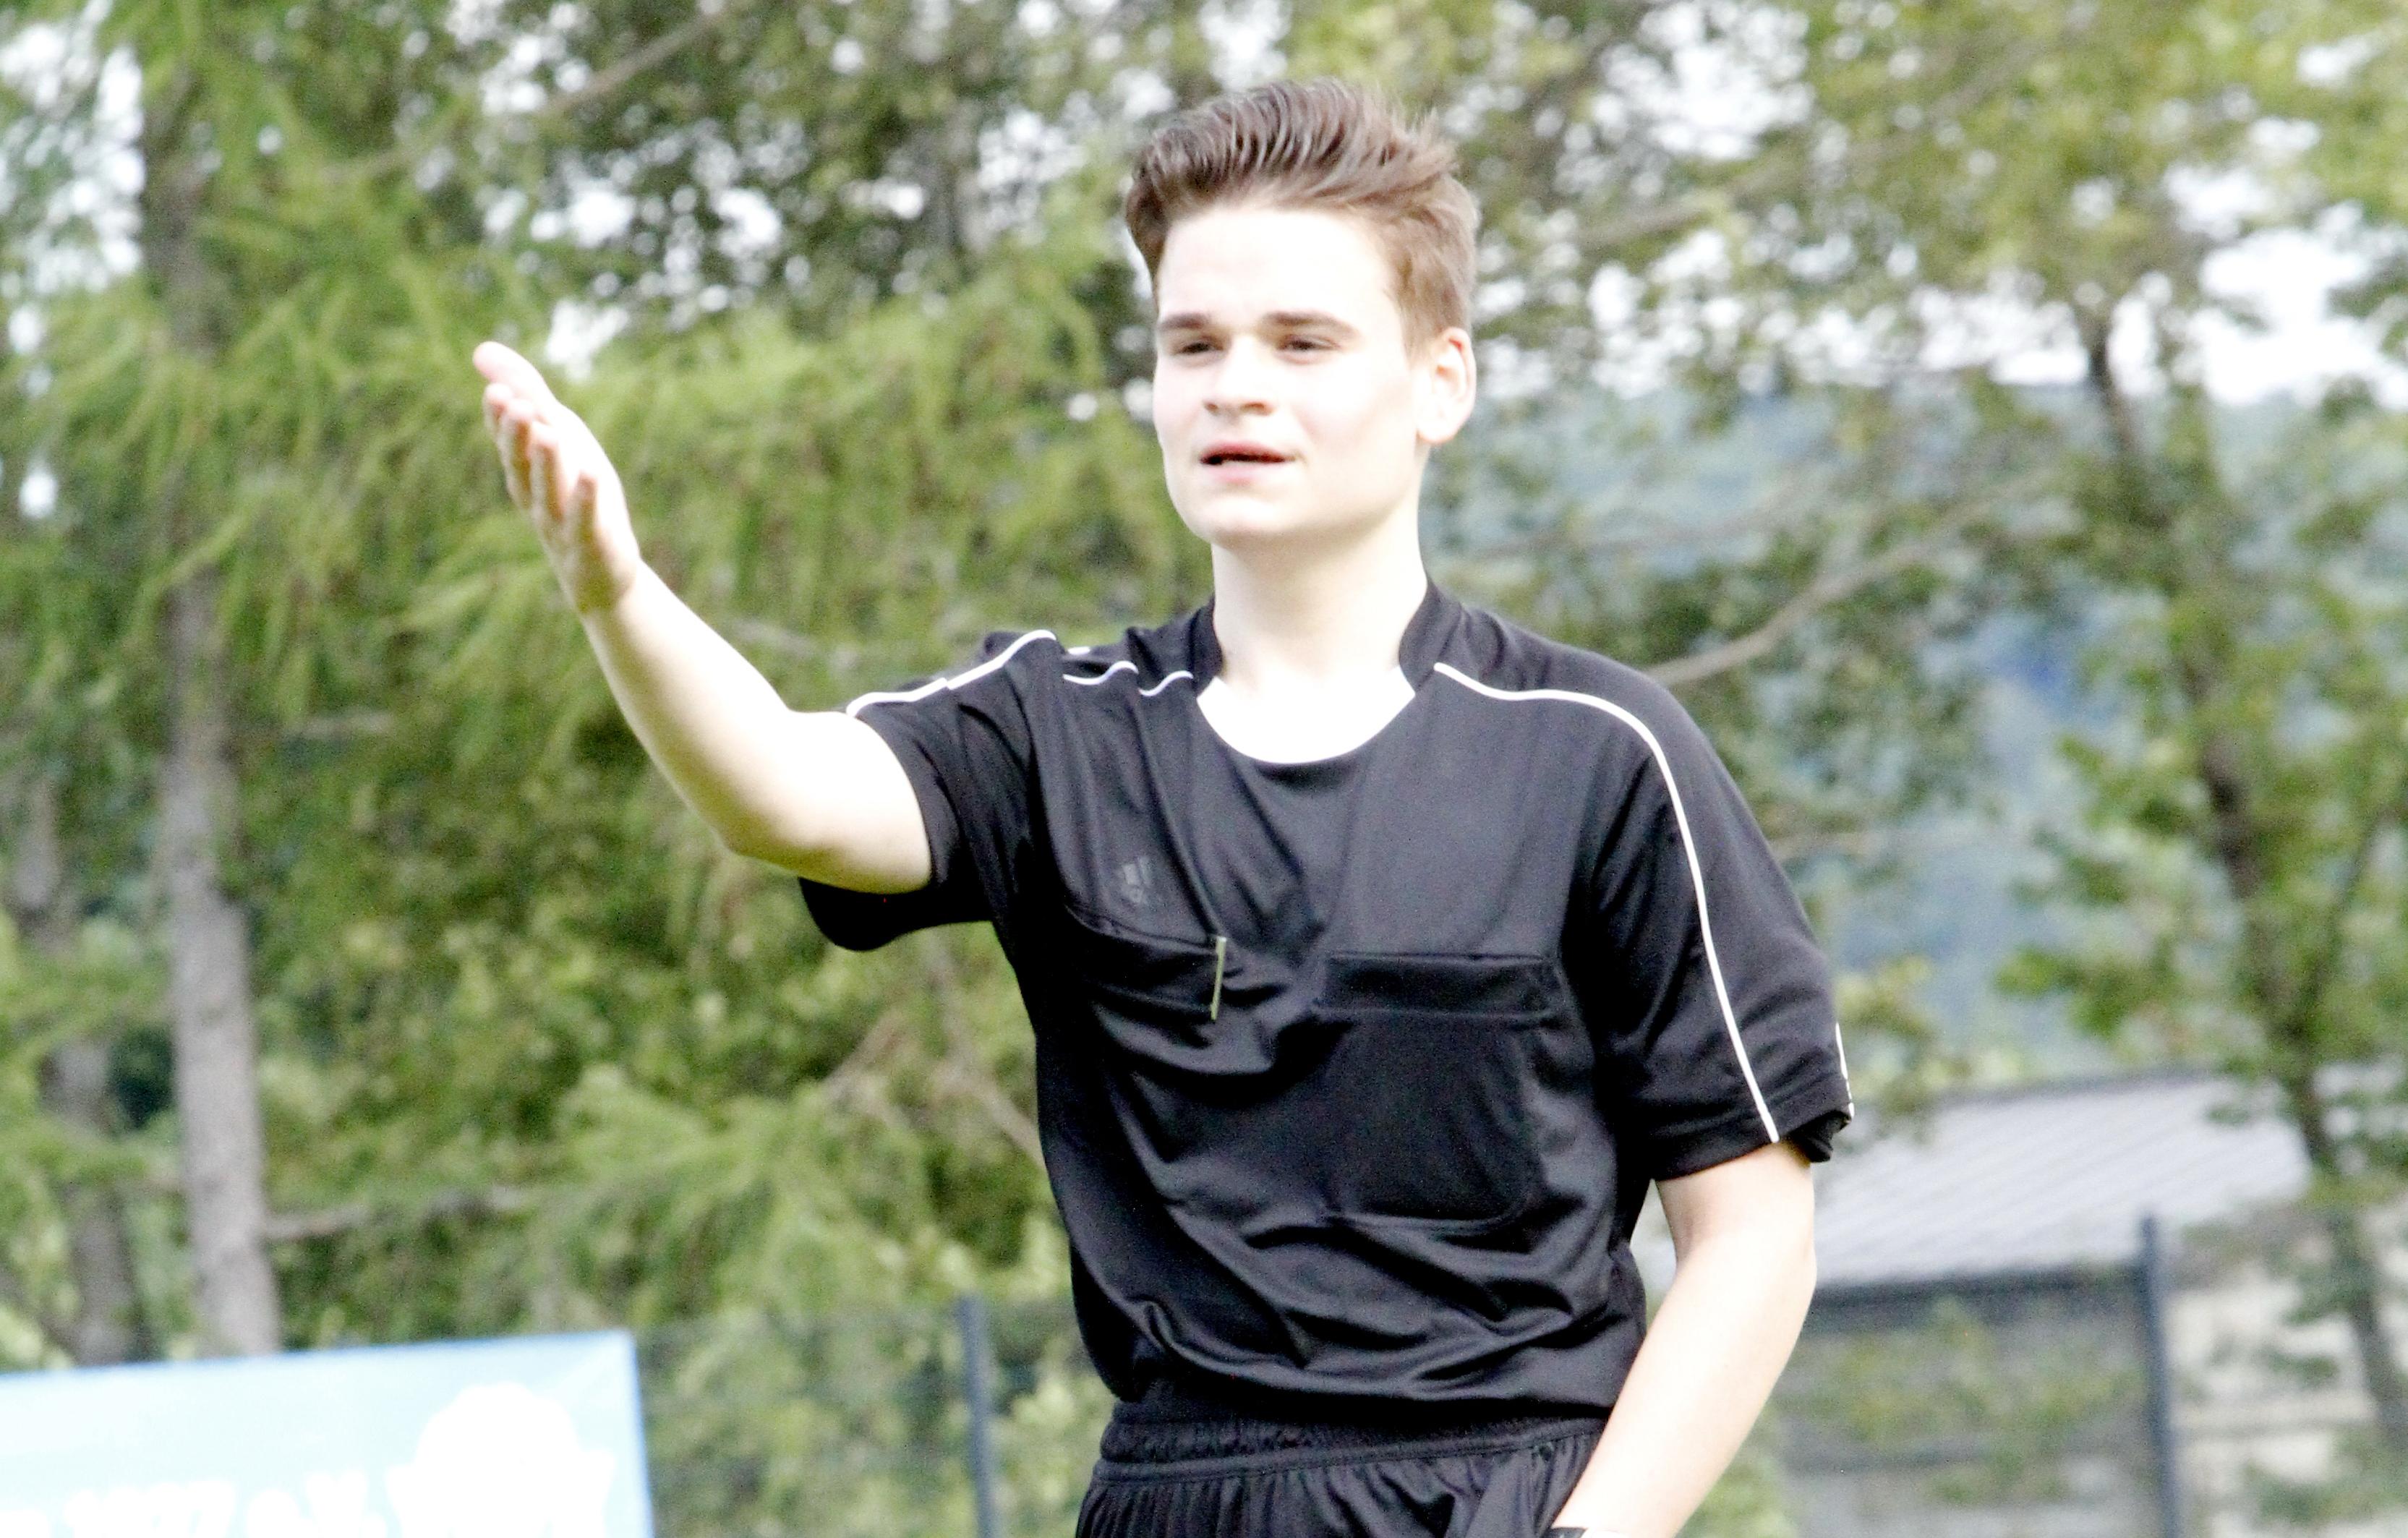 Erfolgreicher Dillkreis-Schiri: Schiedsrichter Dominik Bräunche (19, TSV Bicken) darf fortan Spiele bis zur Verbandsliga leiten. (Foto: Rolf Weichbold)